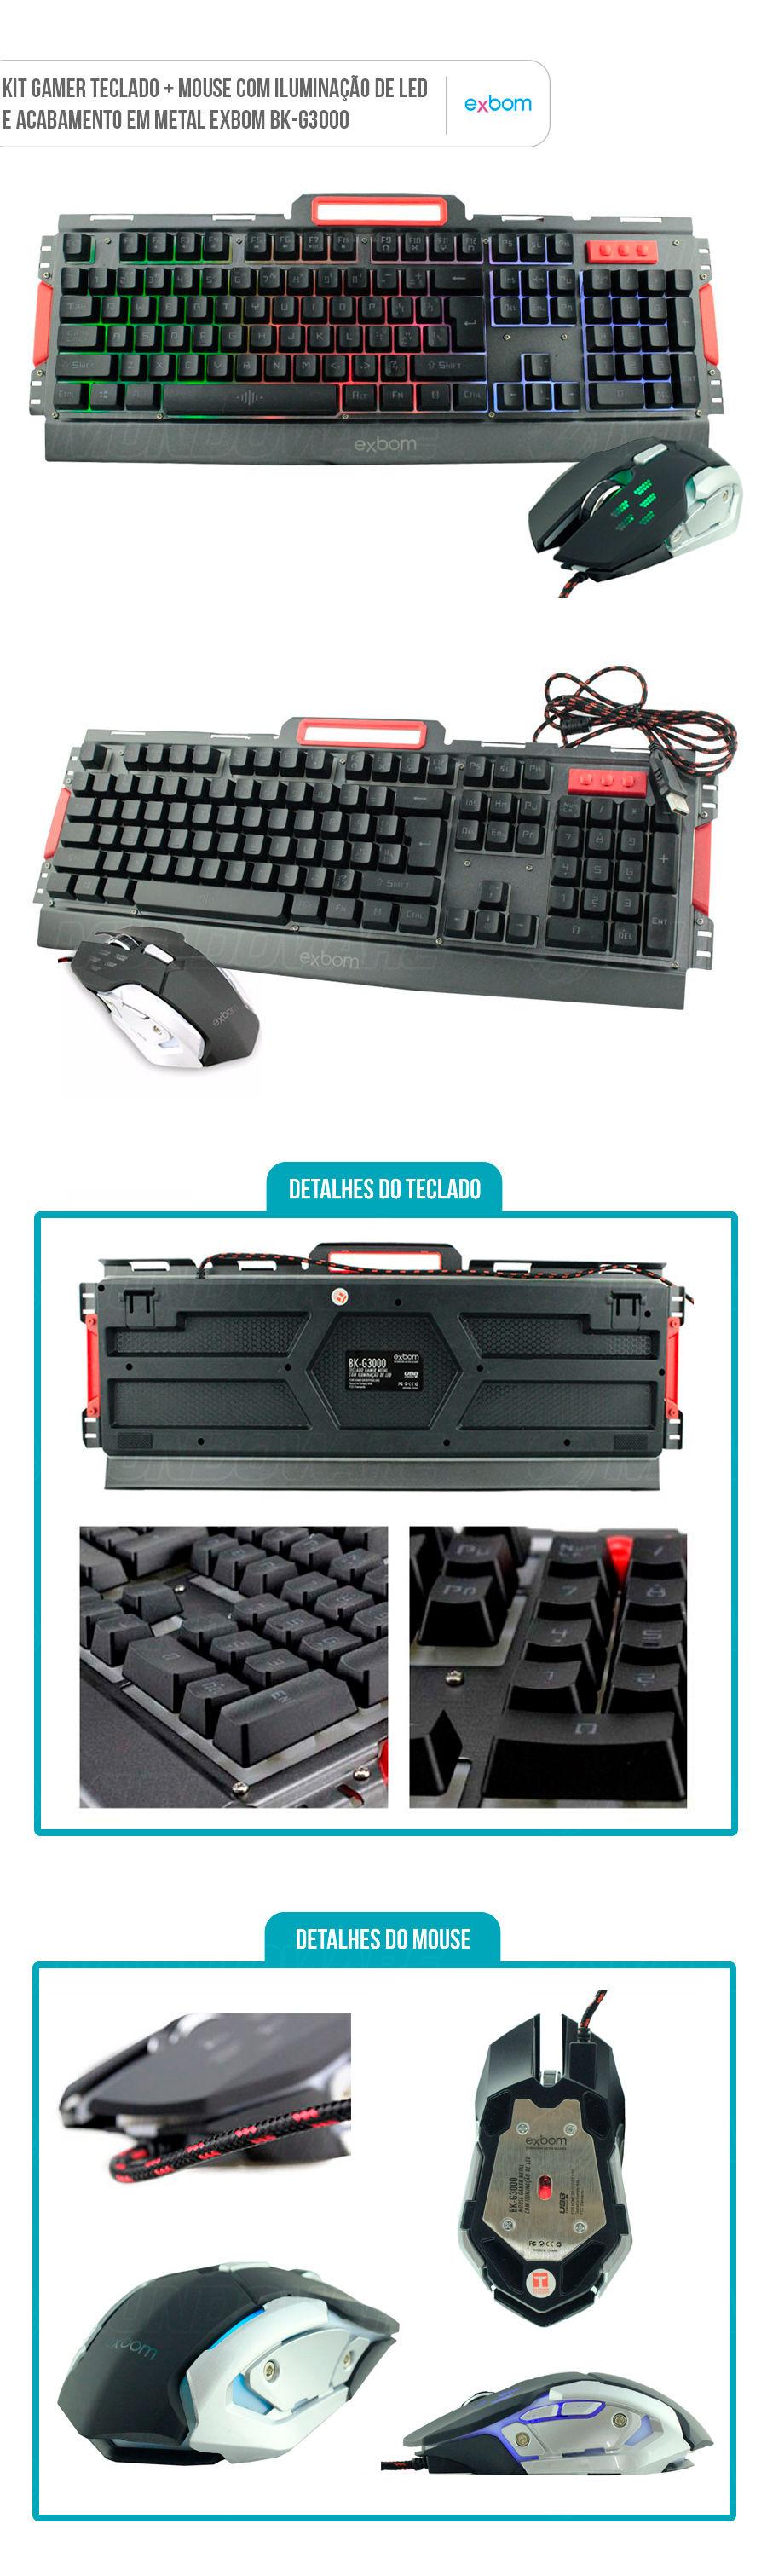 Teclado e Mouse Gamer Semimecânico com Iluminação Led e Acabamento em Metal